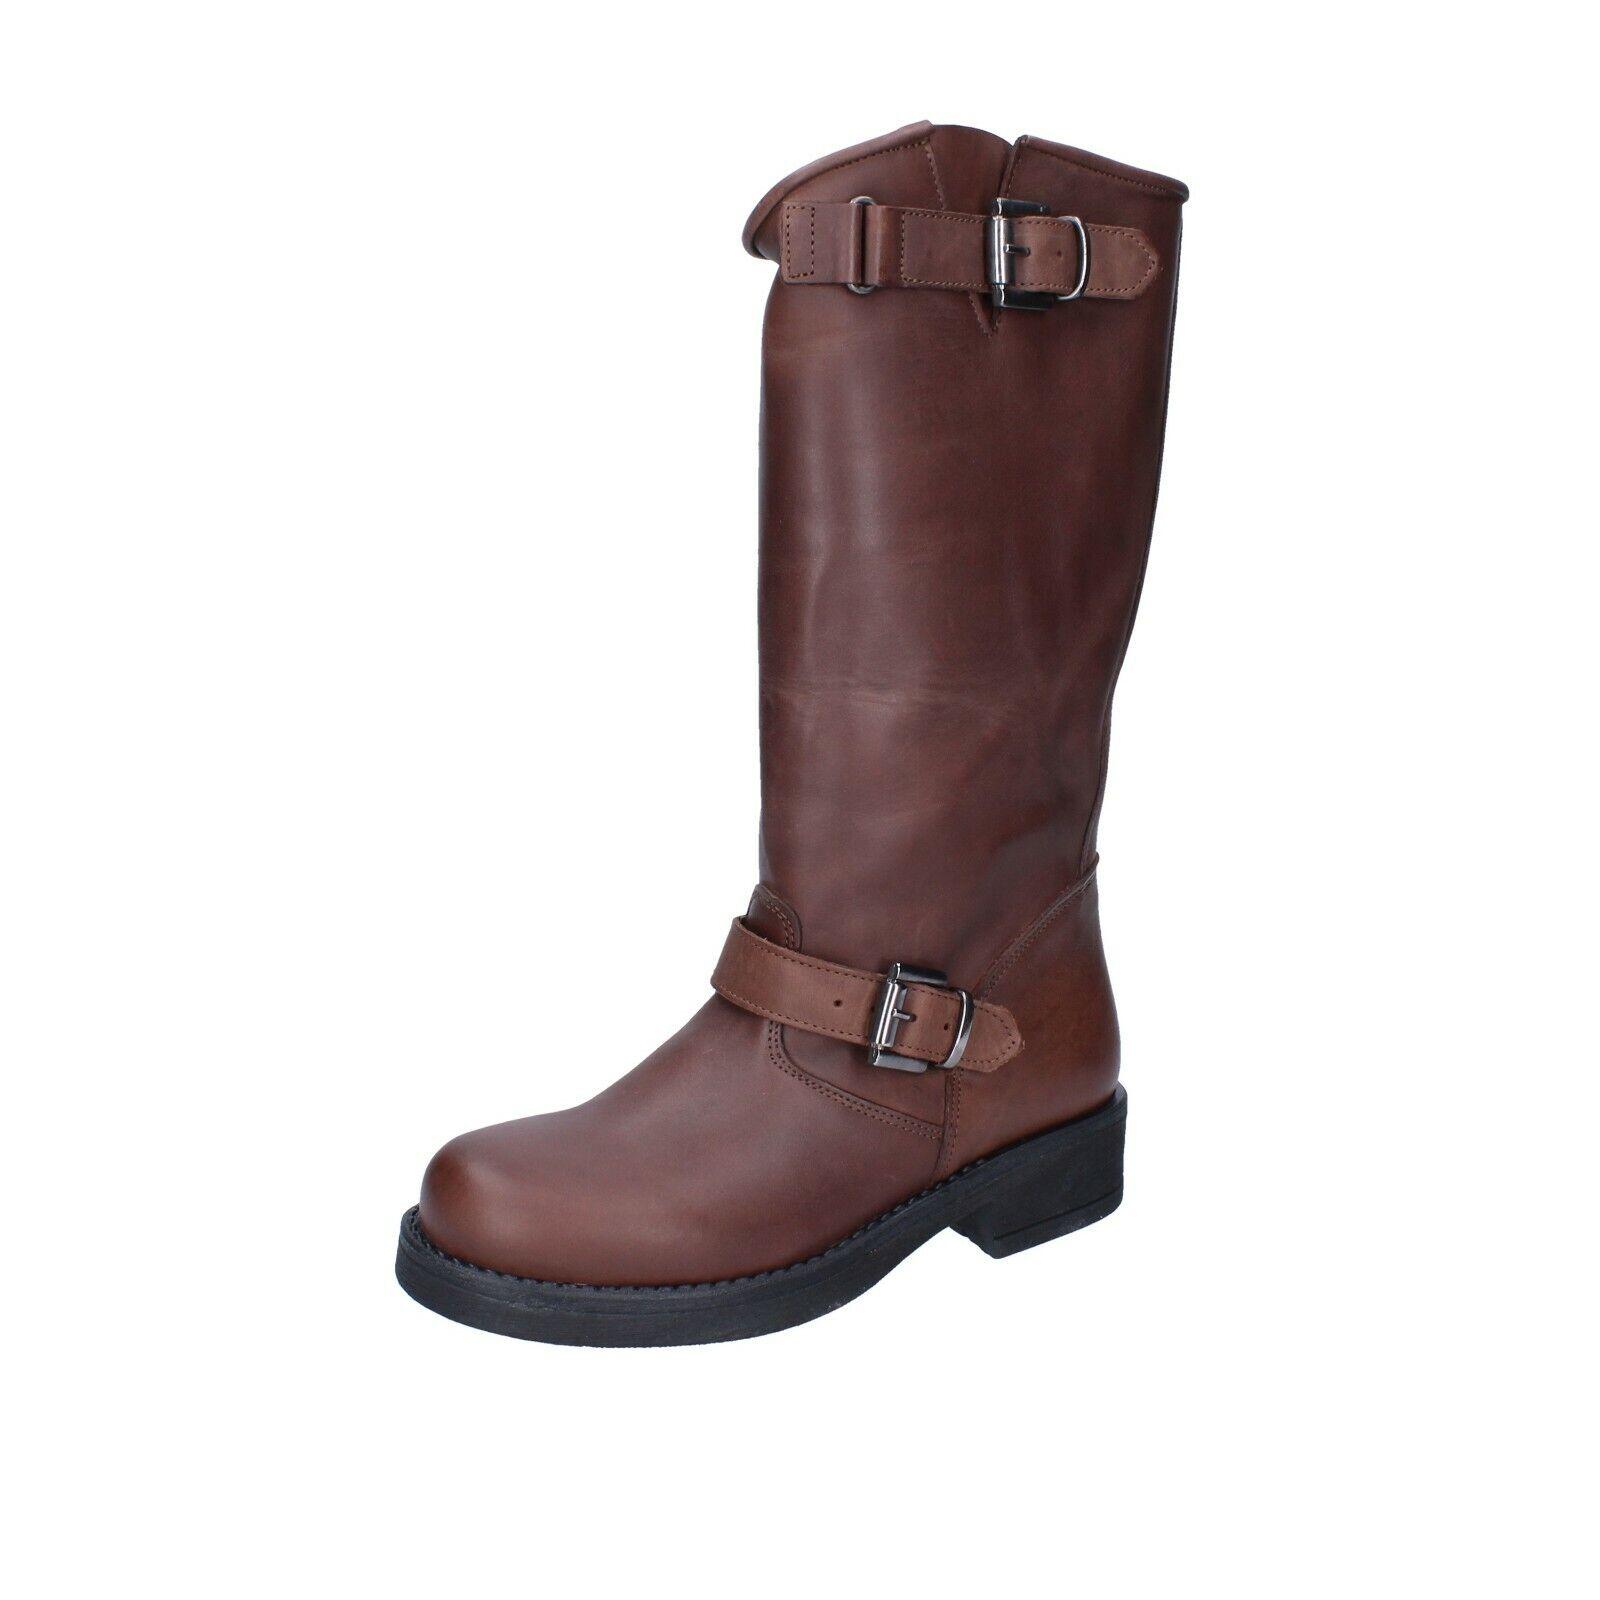 Chaussures Femmes J. né 7 (UE 37) Bottes en cuir marron BR90-37